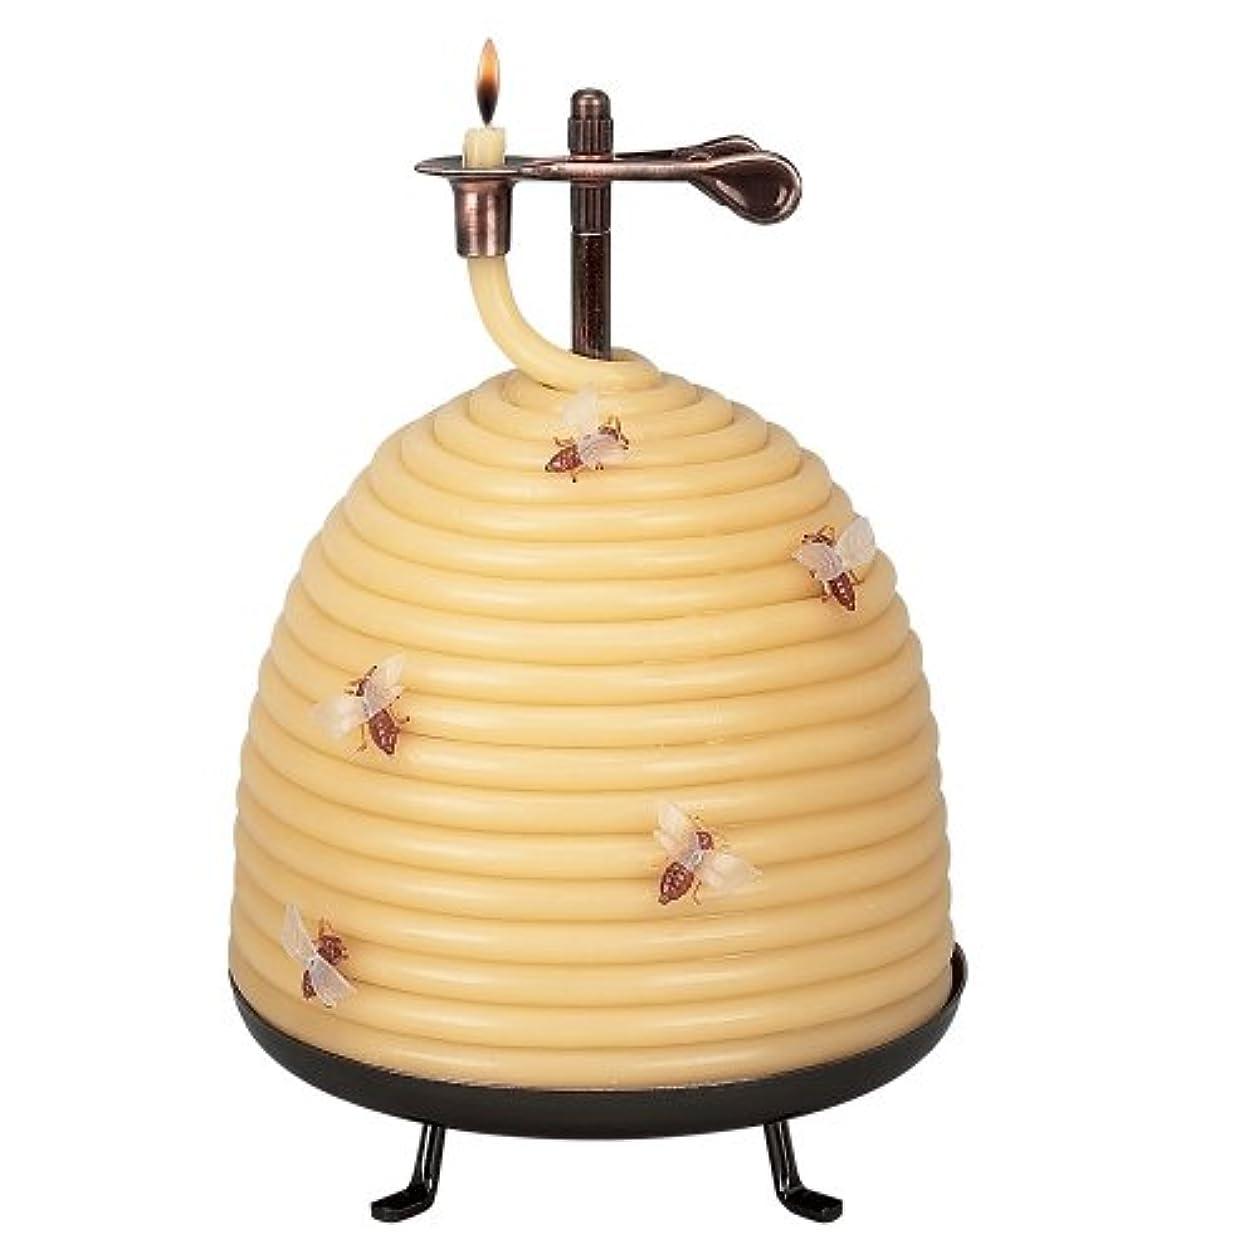 十分ではない怪しいCandle By The Hour 20642B 120 Hour Beehive Coil Candle